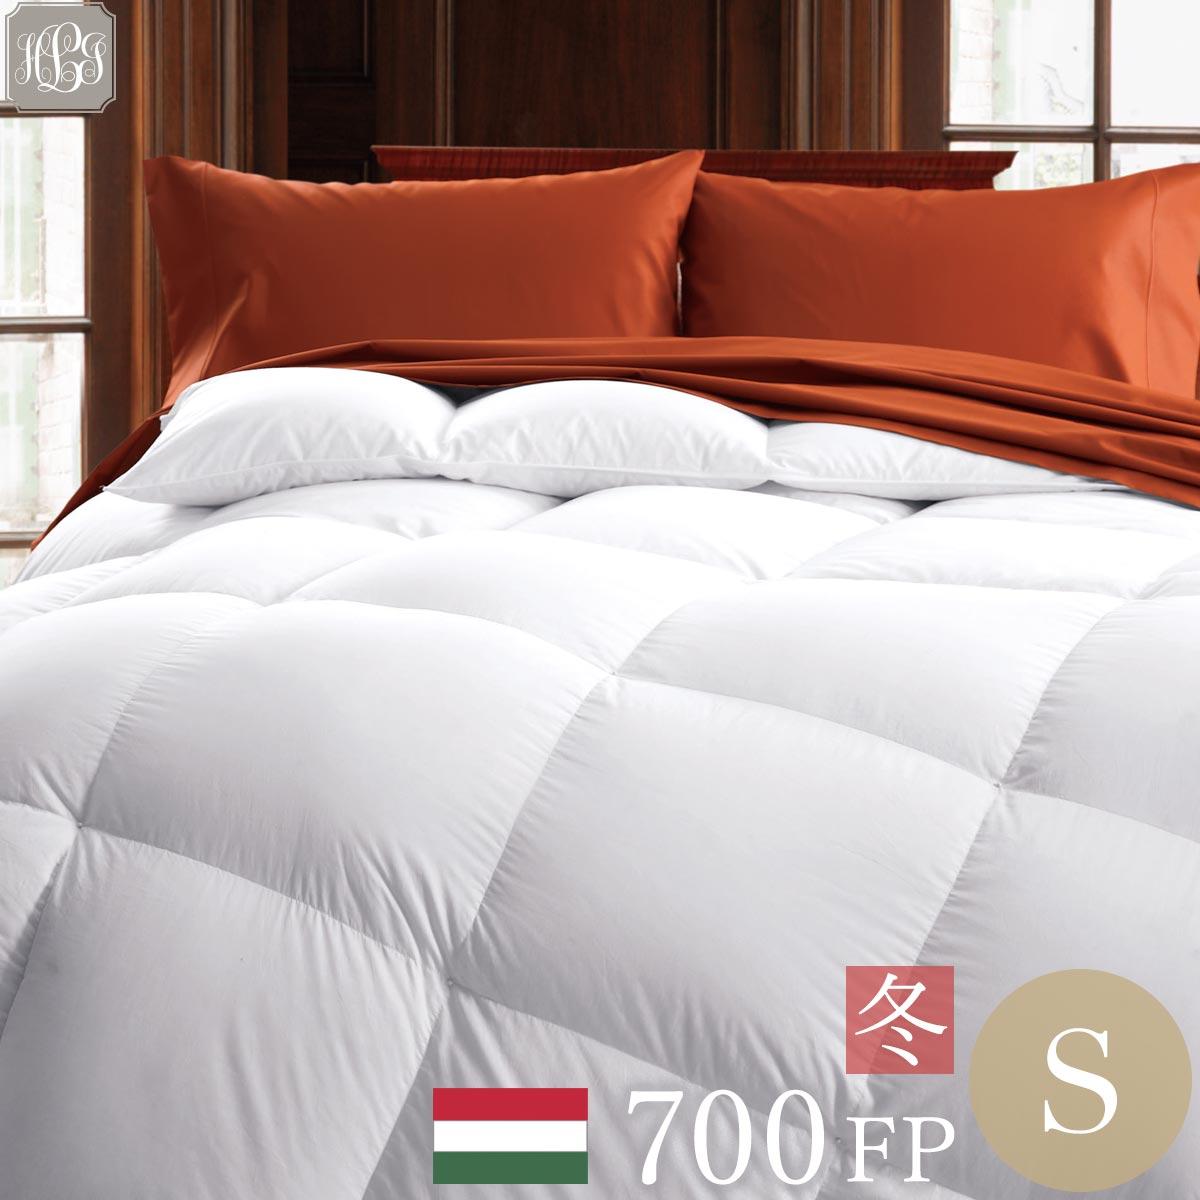 羽毛布団 シングル 150cmx210cm 冬用 700FPハンガリー産ホワイトグースダウン 高級ホテル 超長綿100 暖かい 軽い 送料無料